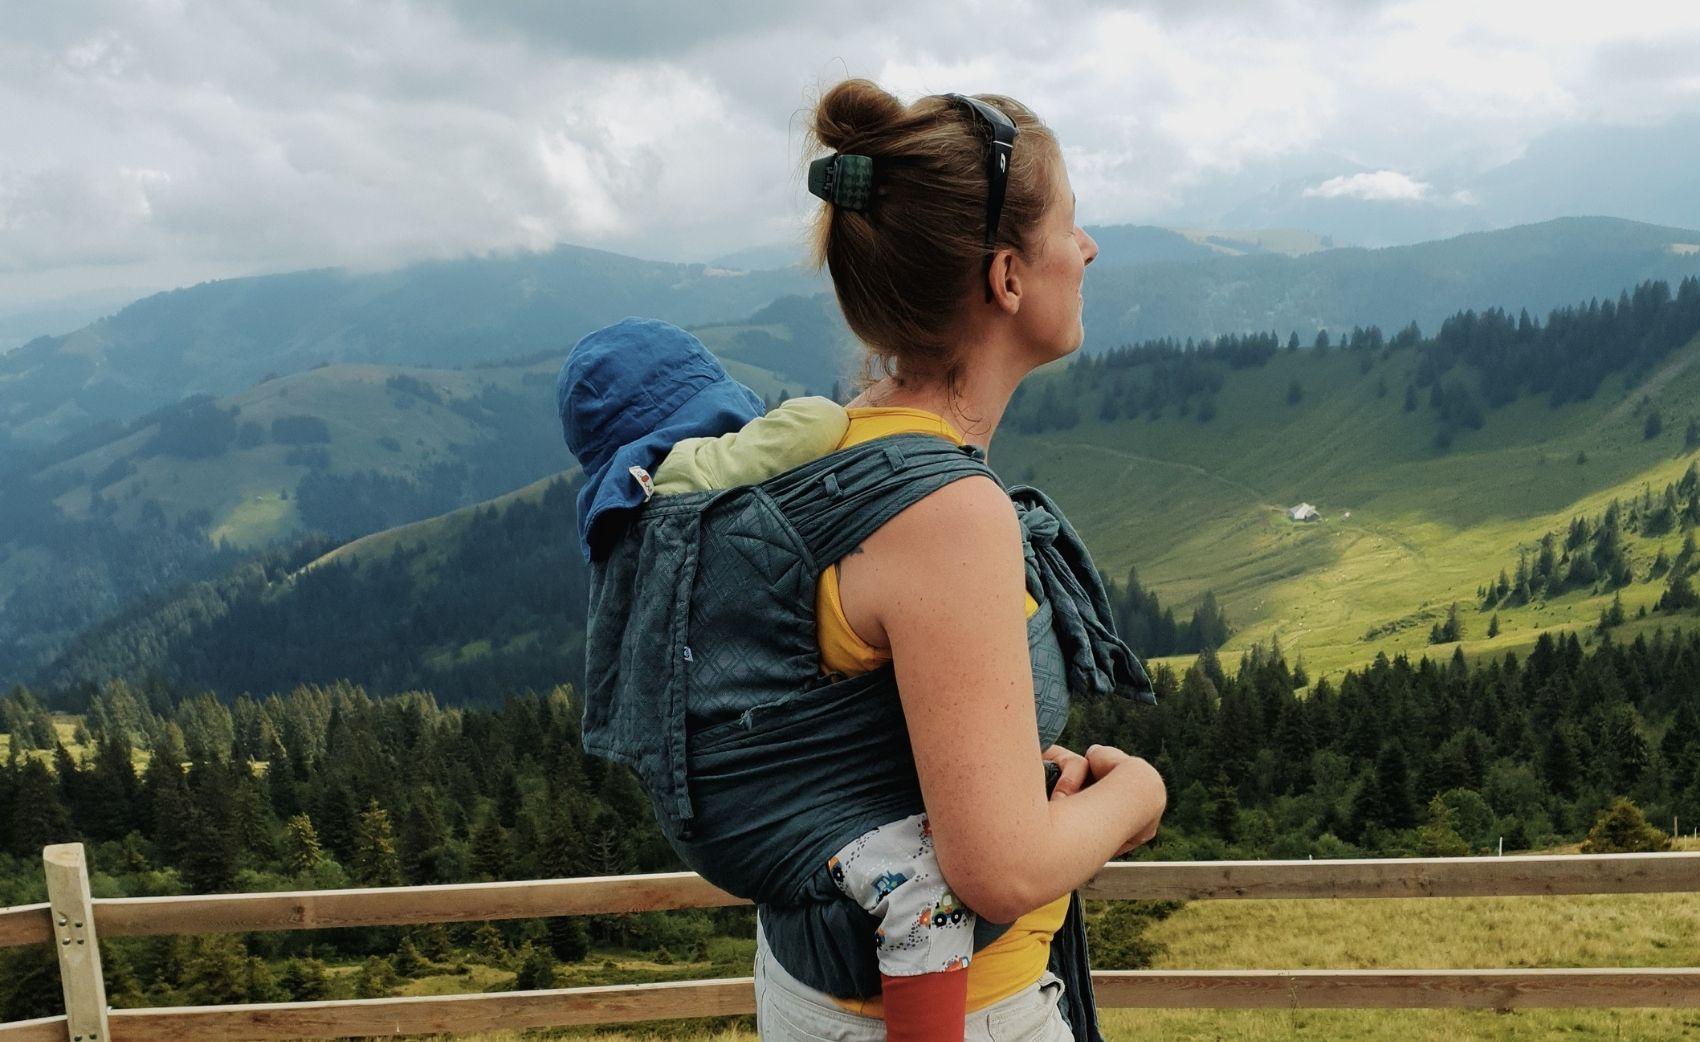 Apprendre à porter son bébé au dos. Venez décoiuvrir lors d'un cours de portage, la technique pour porter votre enfant dans votre dos. En écharpe ou porte-bébé. Su rRomont avec jeteporte